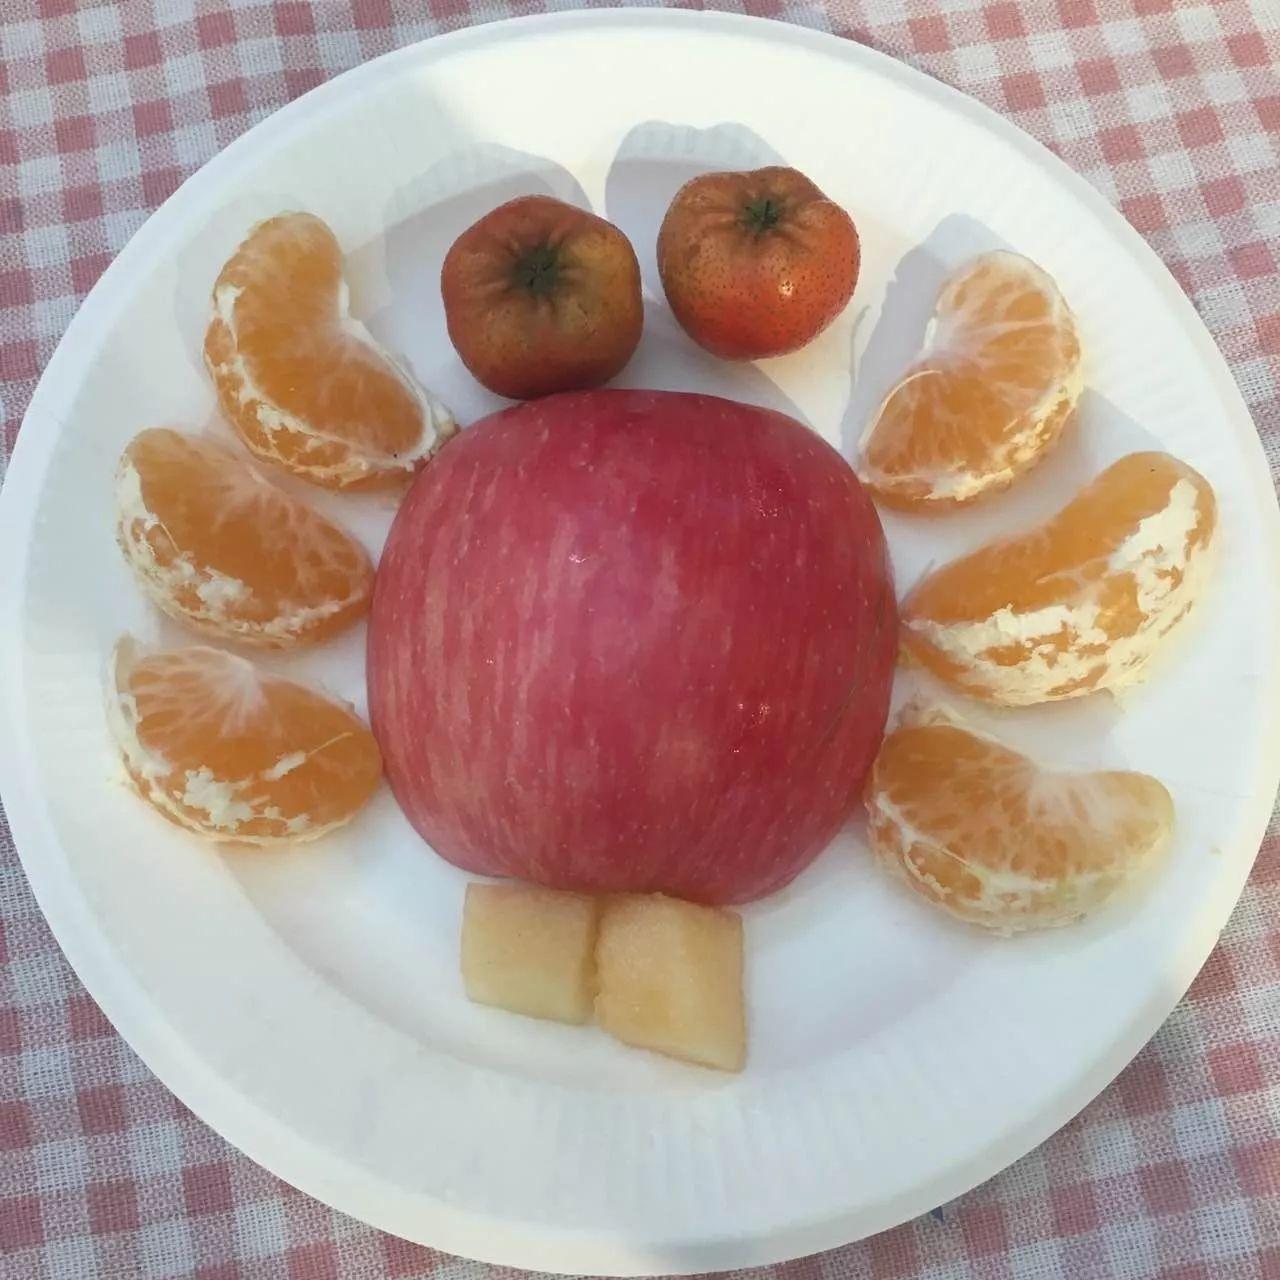 水果拼盘图片,精致水果拼盘 桔子 香蕉 葡萄 等... -图行天下图库